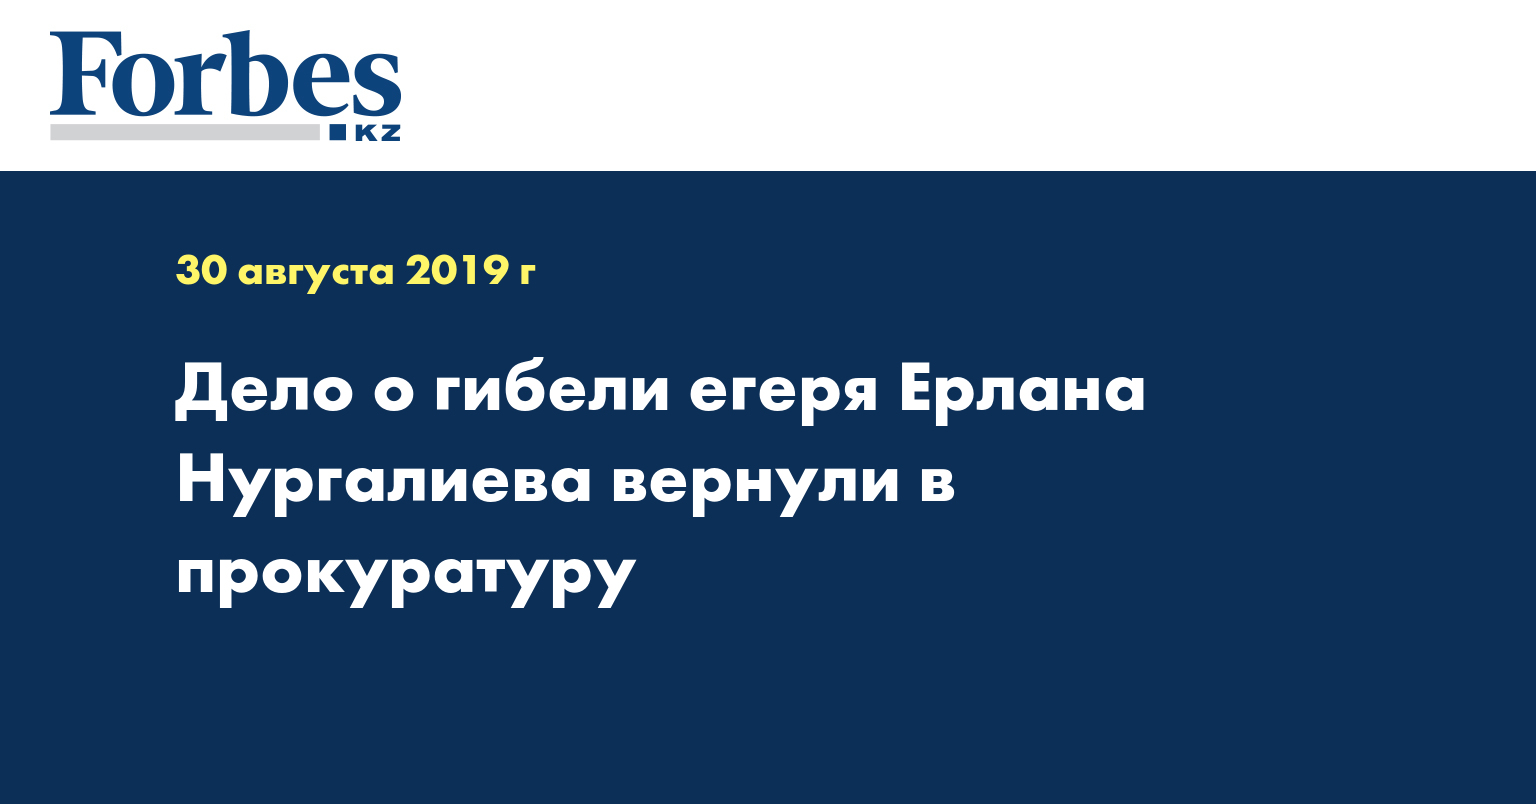 Дело о гибели егеря Ерлана Нургалиева вернули в прокуратуру